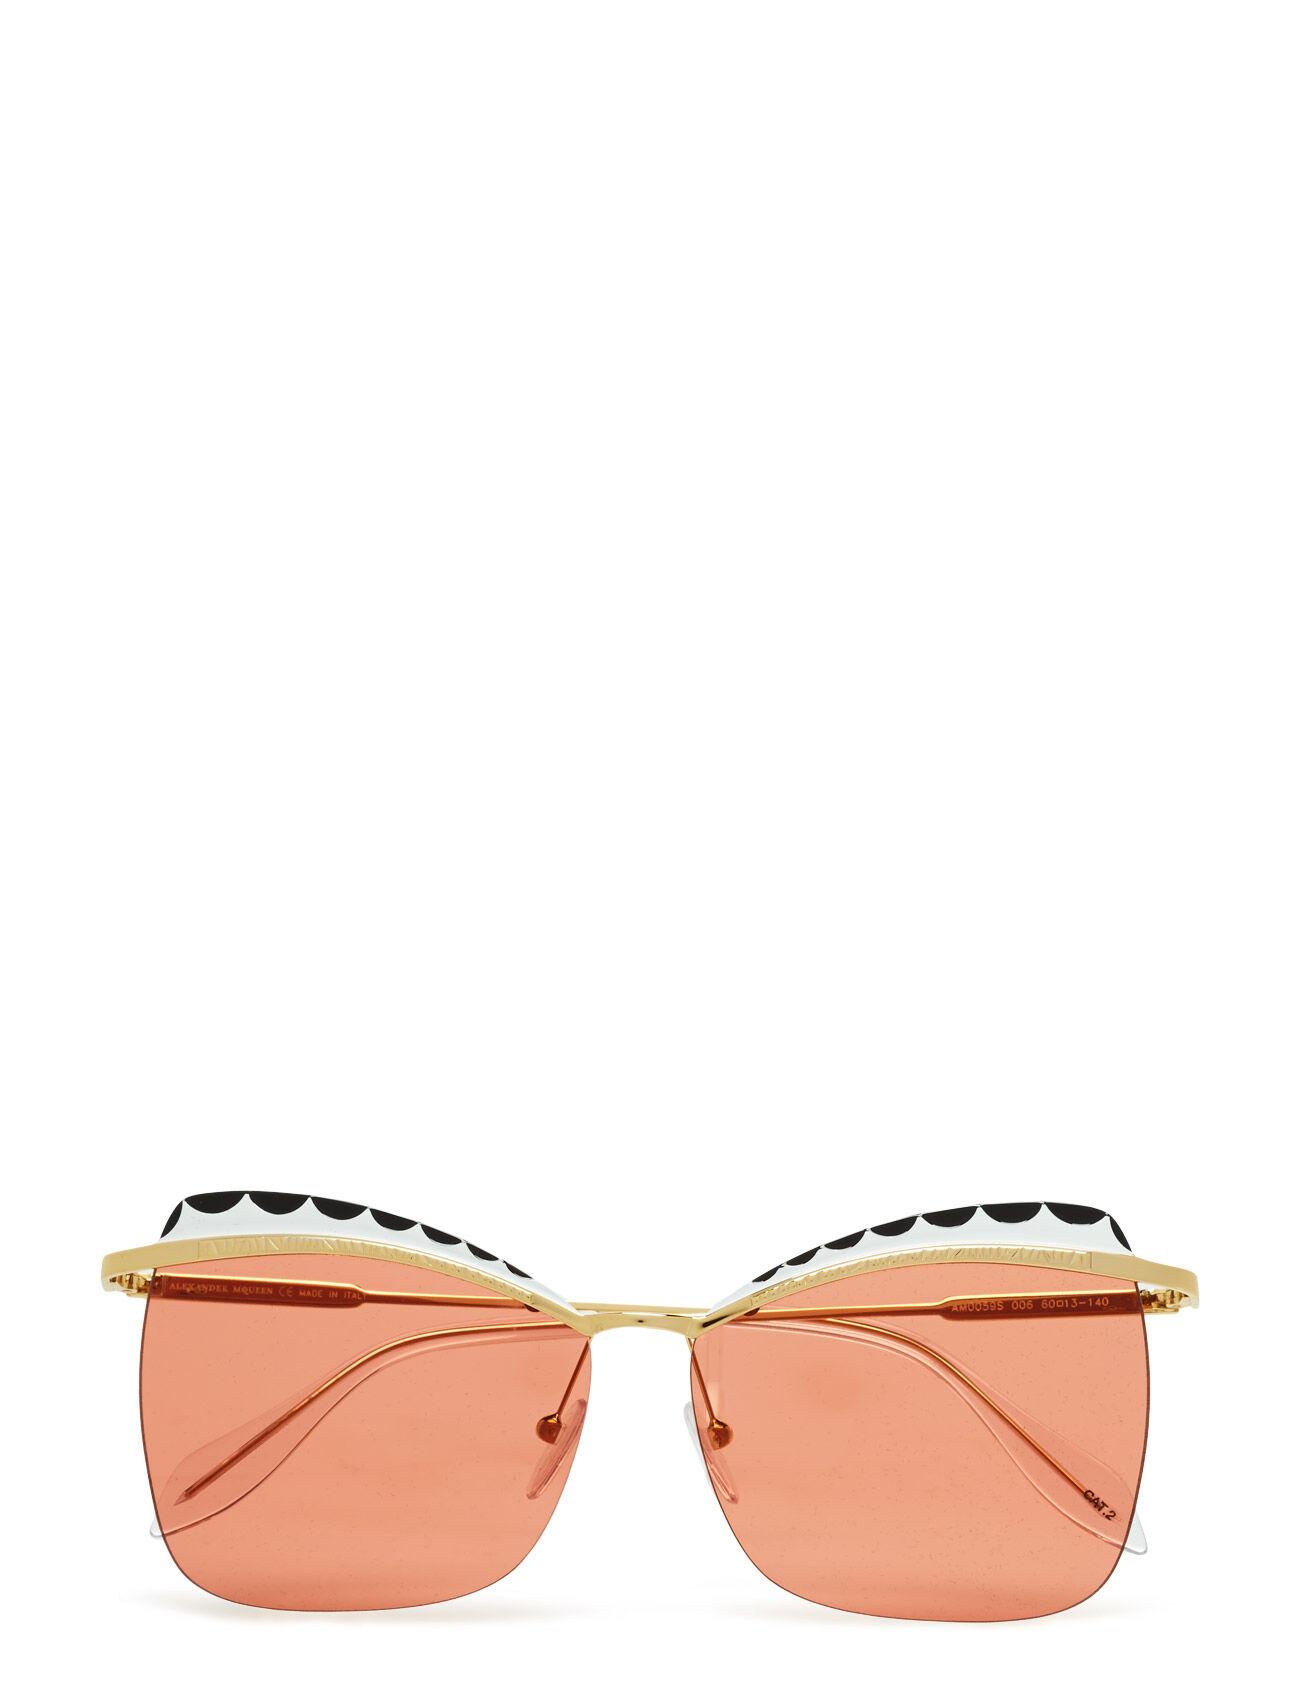 Alexander McQueen Eyewear Am0059s